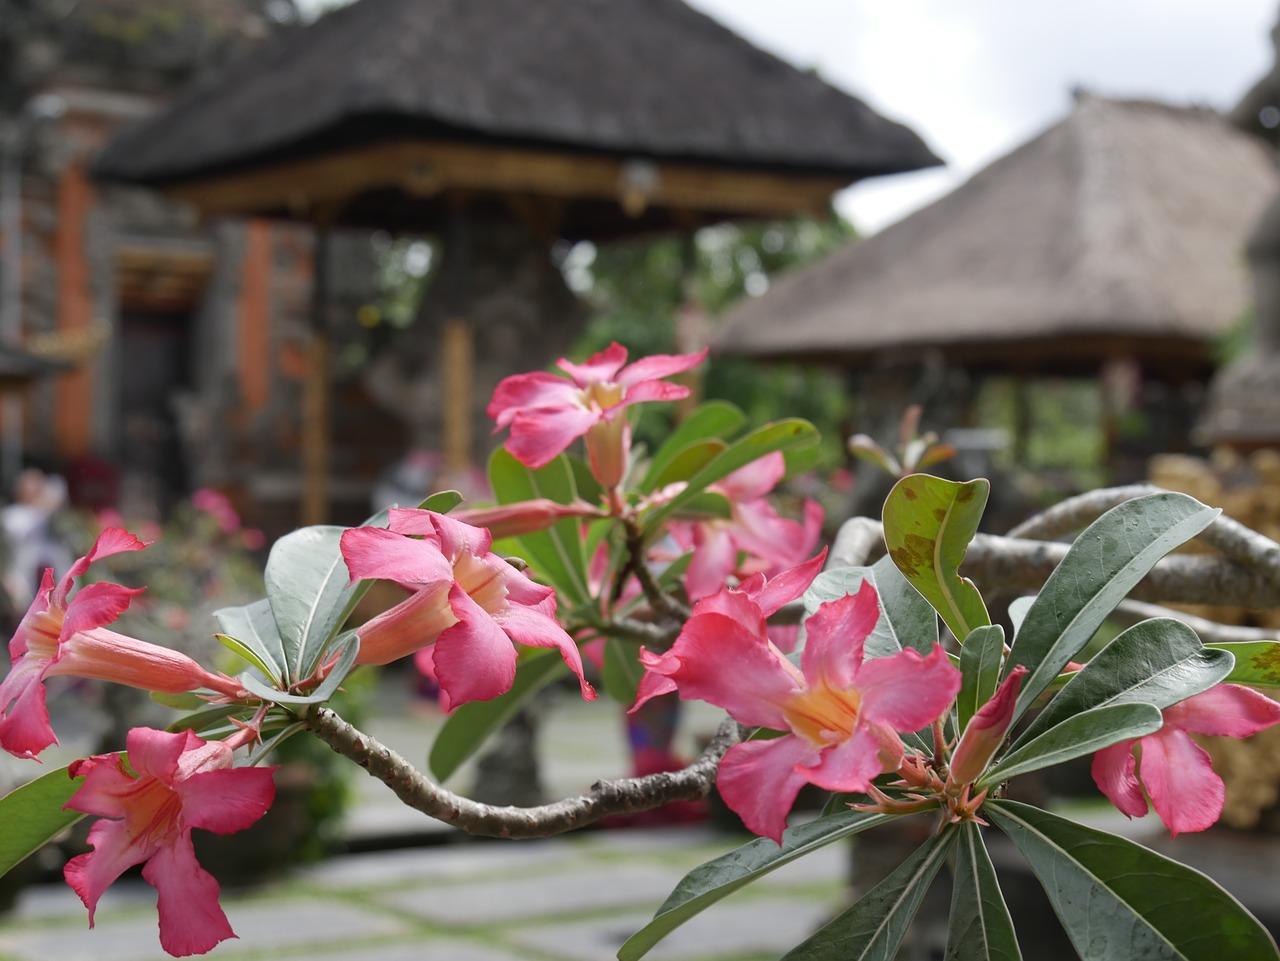 Wycieczka do Indonezji - informacje praktyczne przed wyjazdem